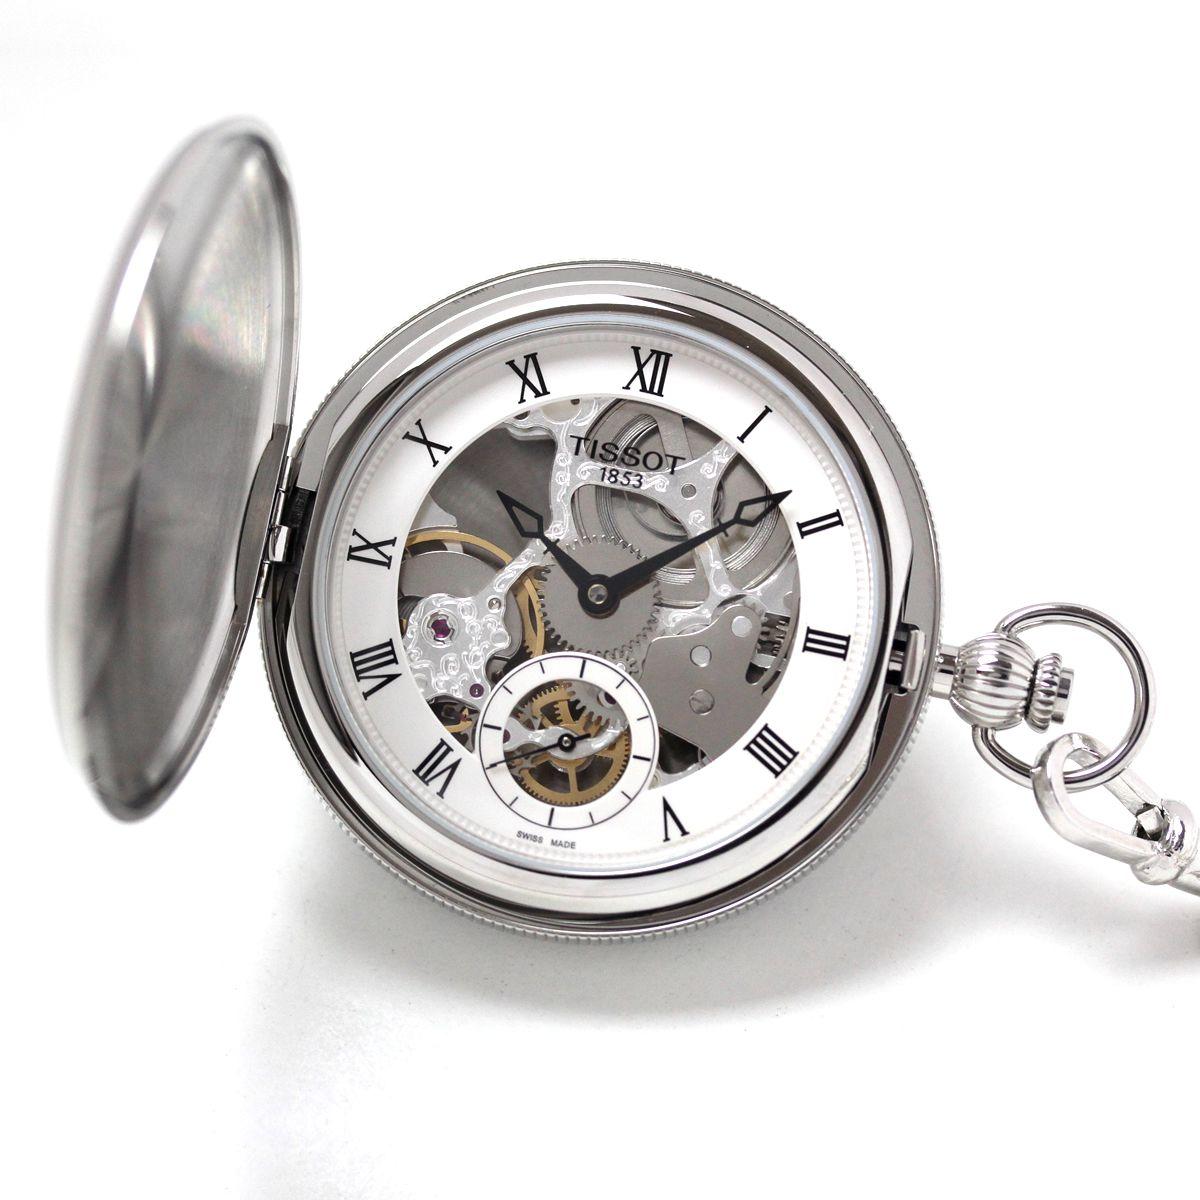 ティソ 懐中時計 t8594051927300